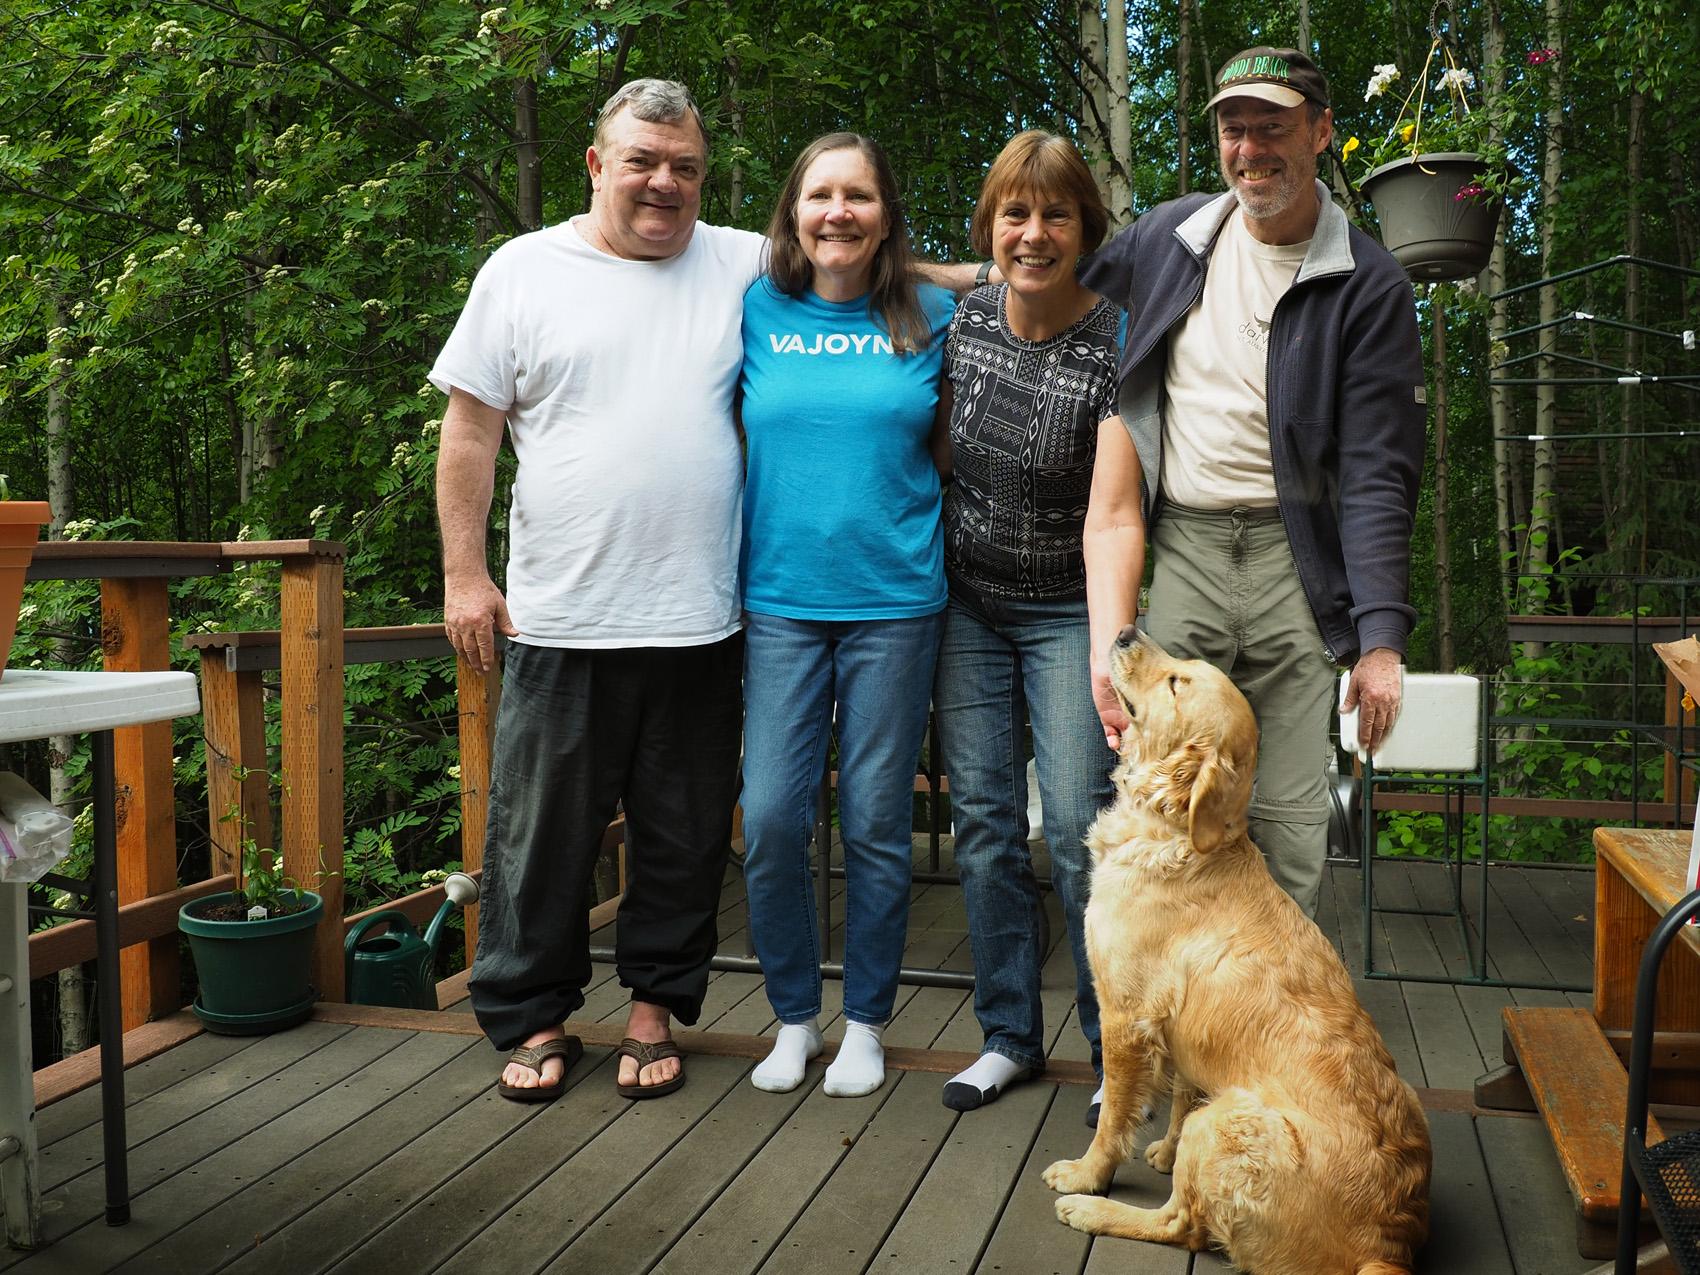 zu Besuch bei Jane und Terry in Fairbanks